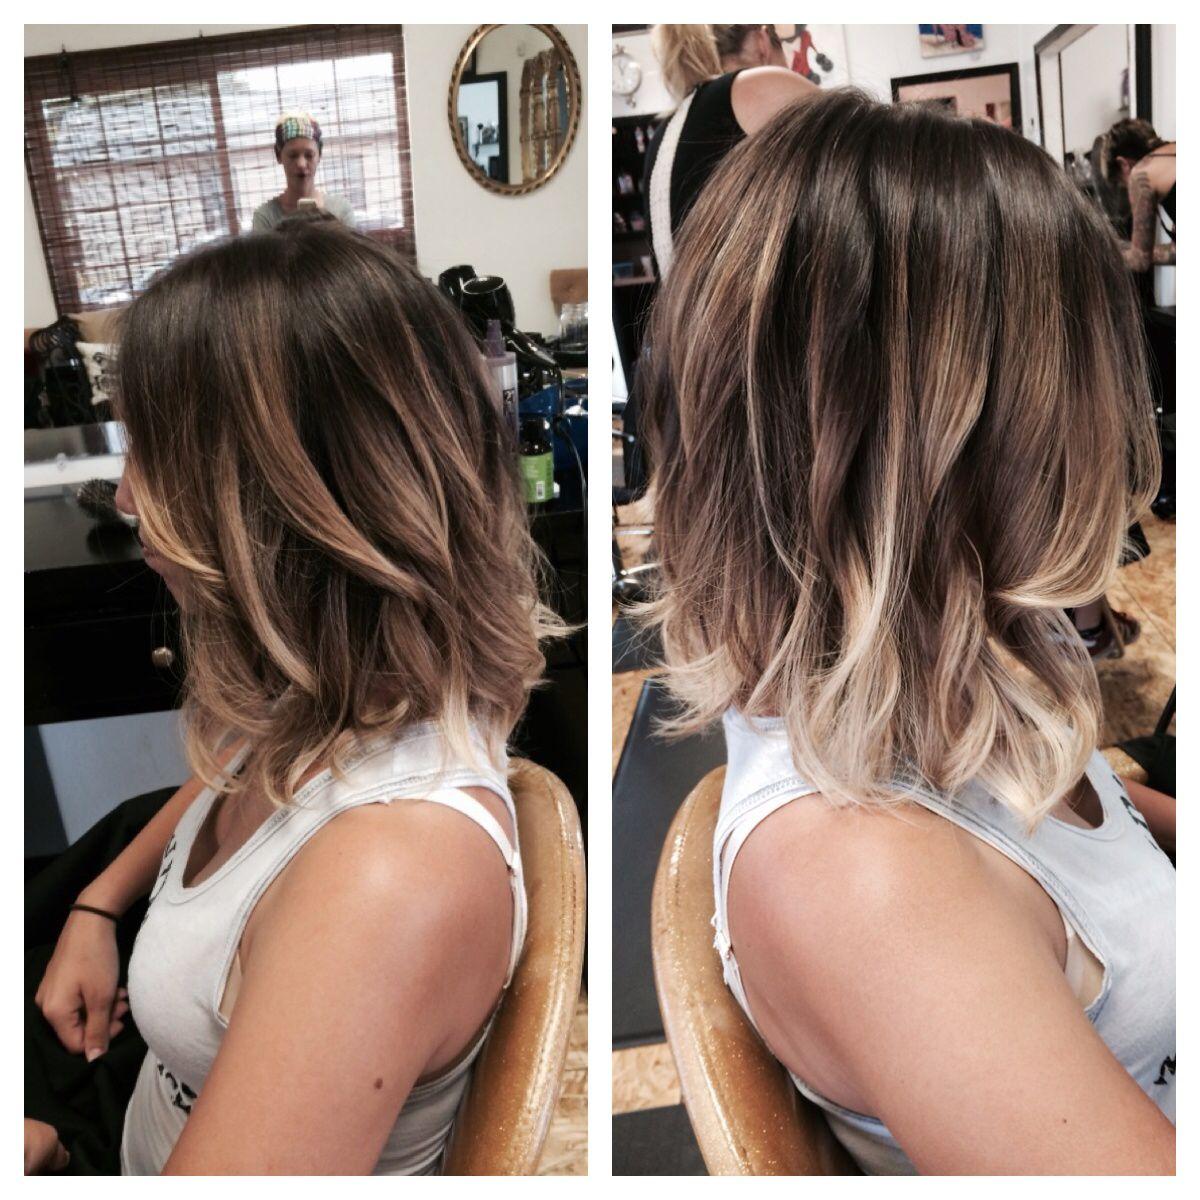 image53-2   Брондирование волос: описание, виды, техника выполнения для любой длины и цвета волос